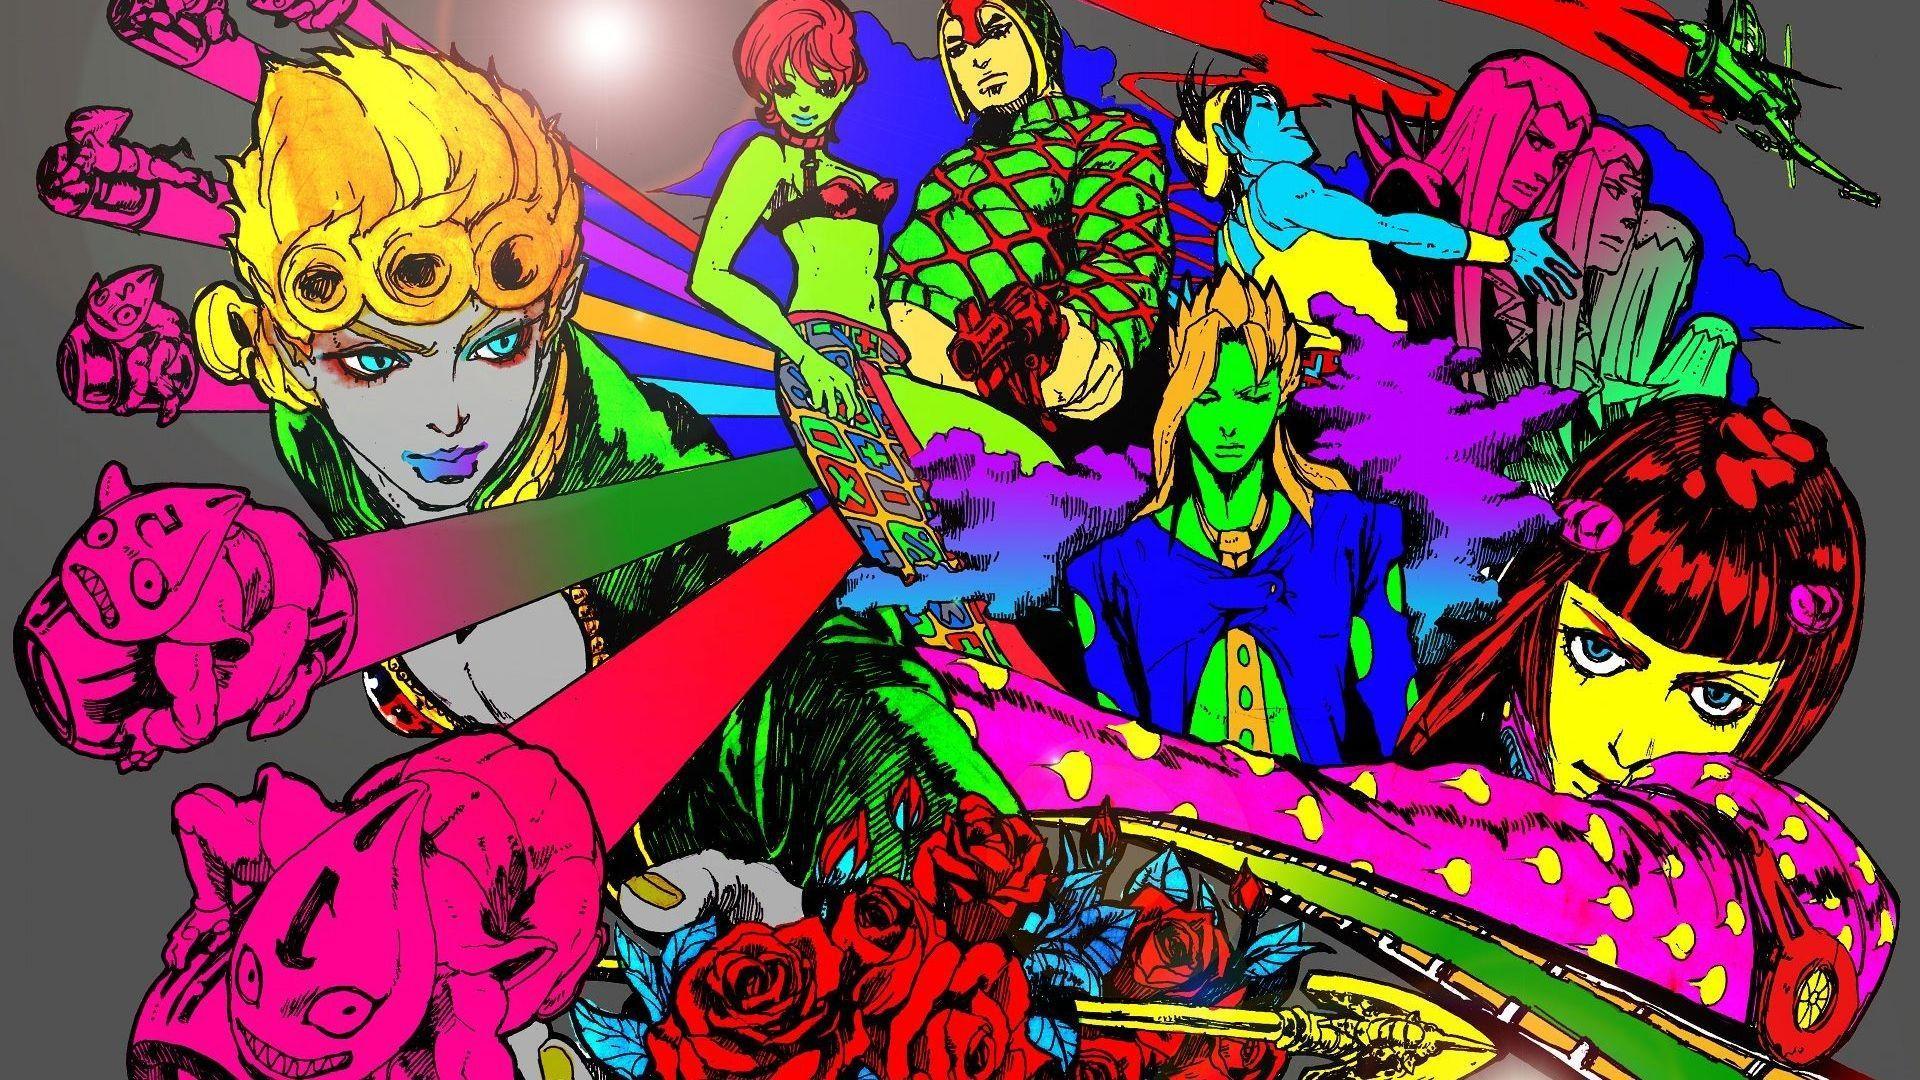 JoJo's Bizarre Adventure Wallpapers - Wallpaper Cave